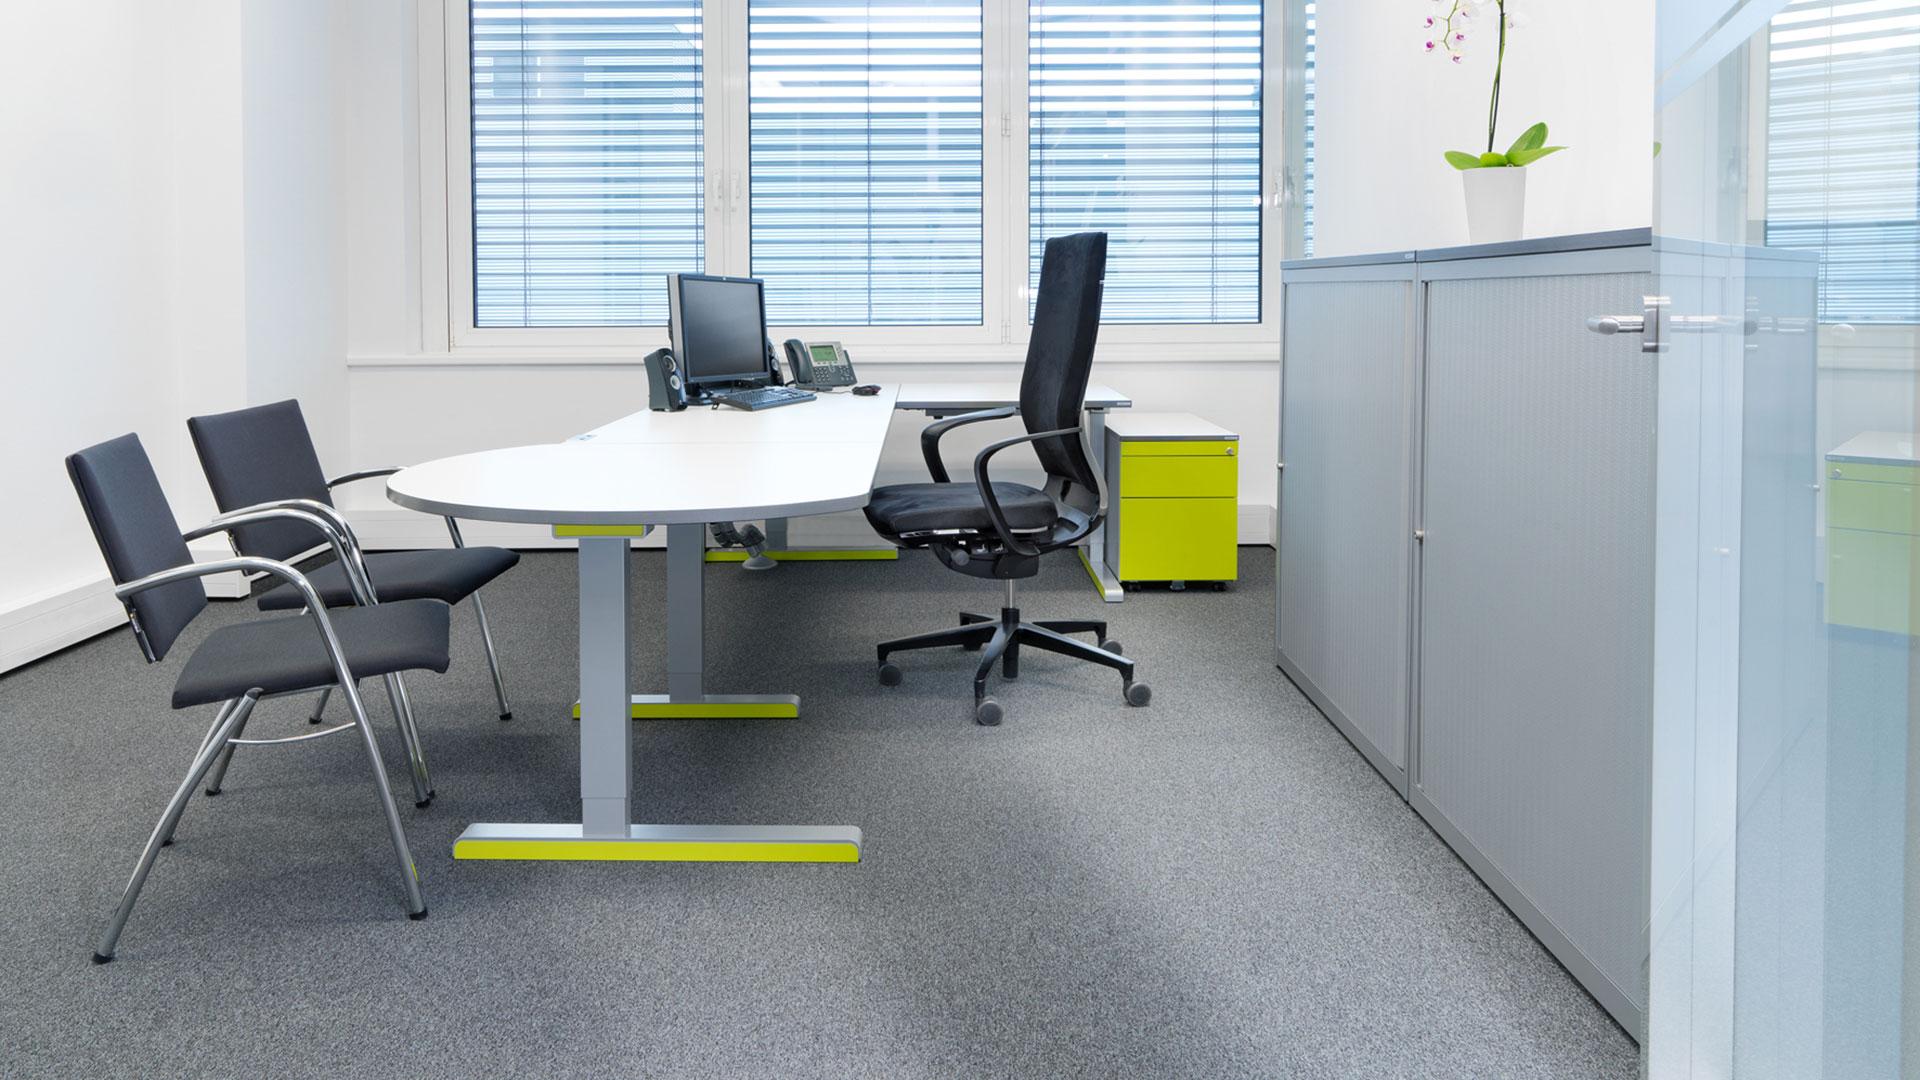 _Schreibtisch-Arbeitstisch-mit-Besprechungsansatz-varitos-c-mauser-16-9_grunPIaTHDwYm1R7p